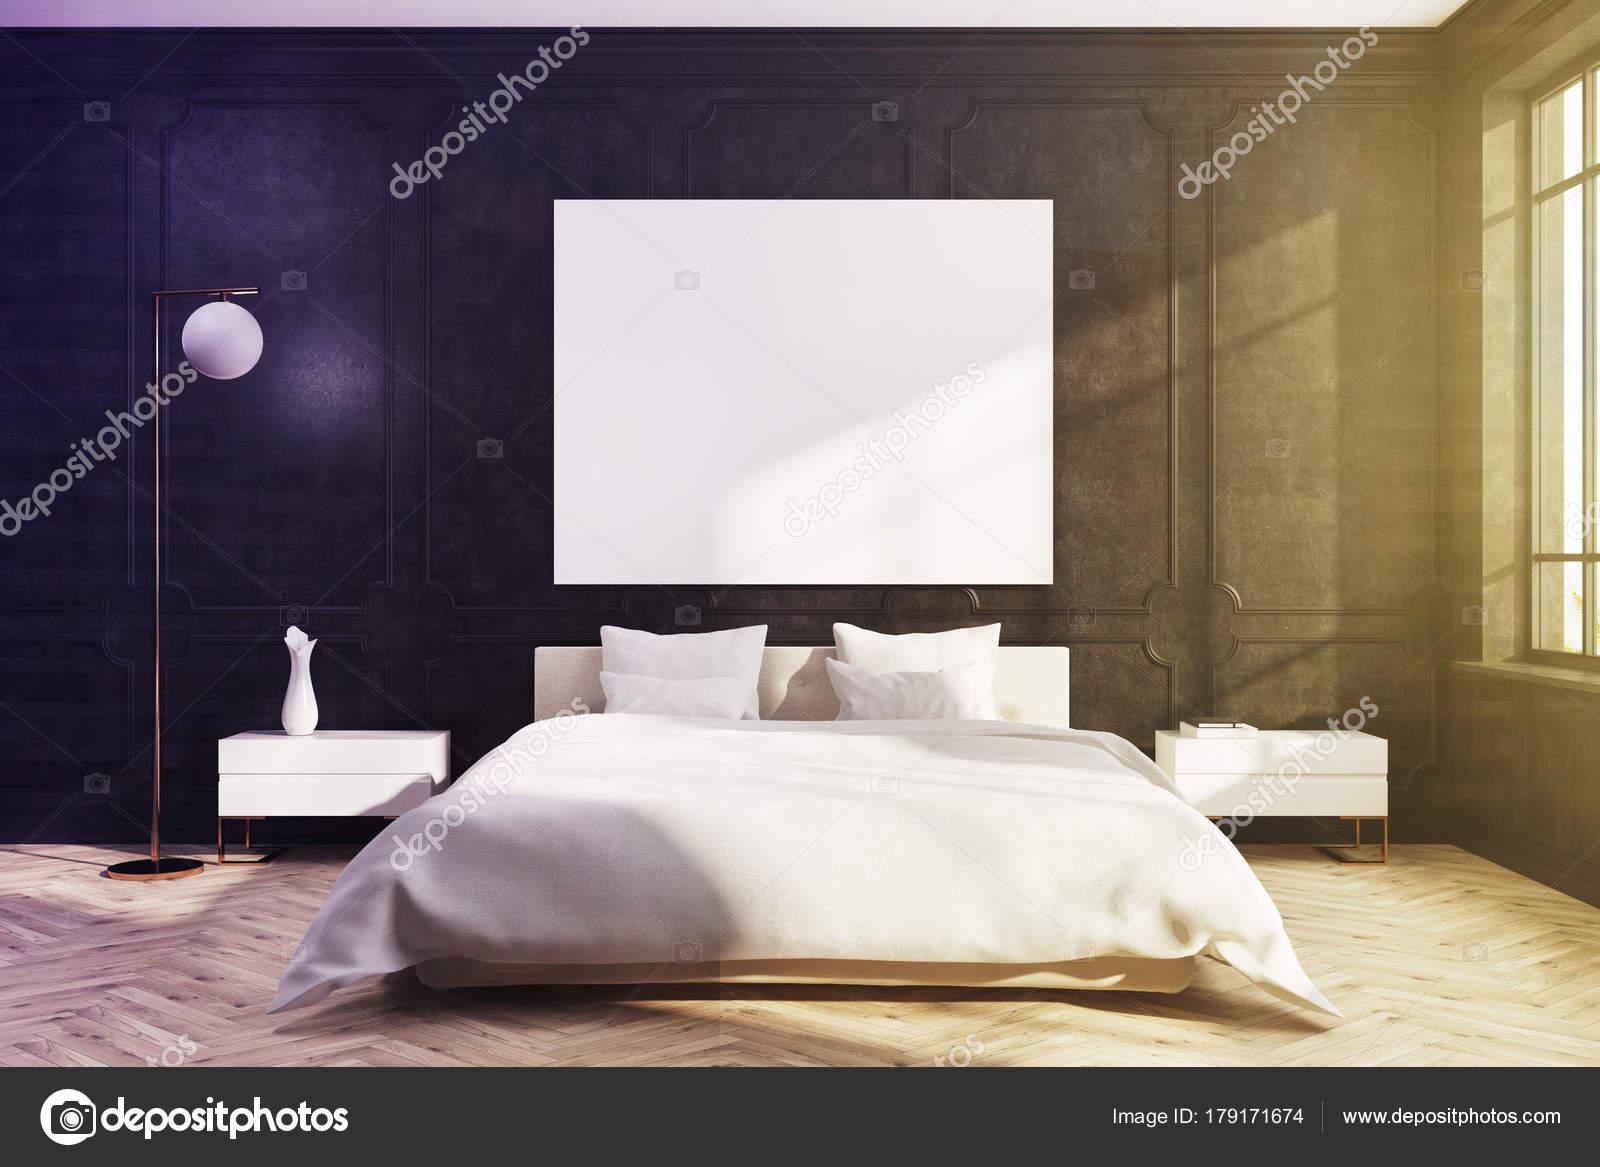 Letto camera da letto nera, bianca, poster tonica — Foto Stock ...